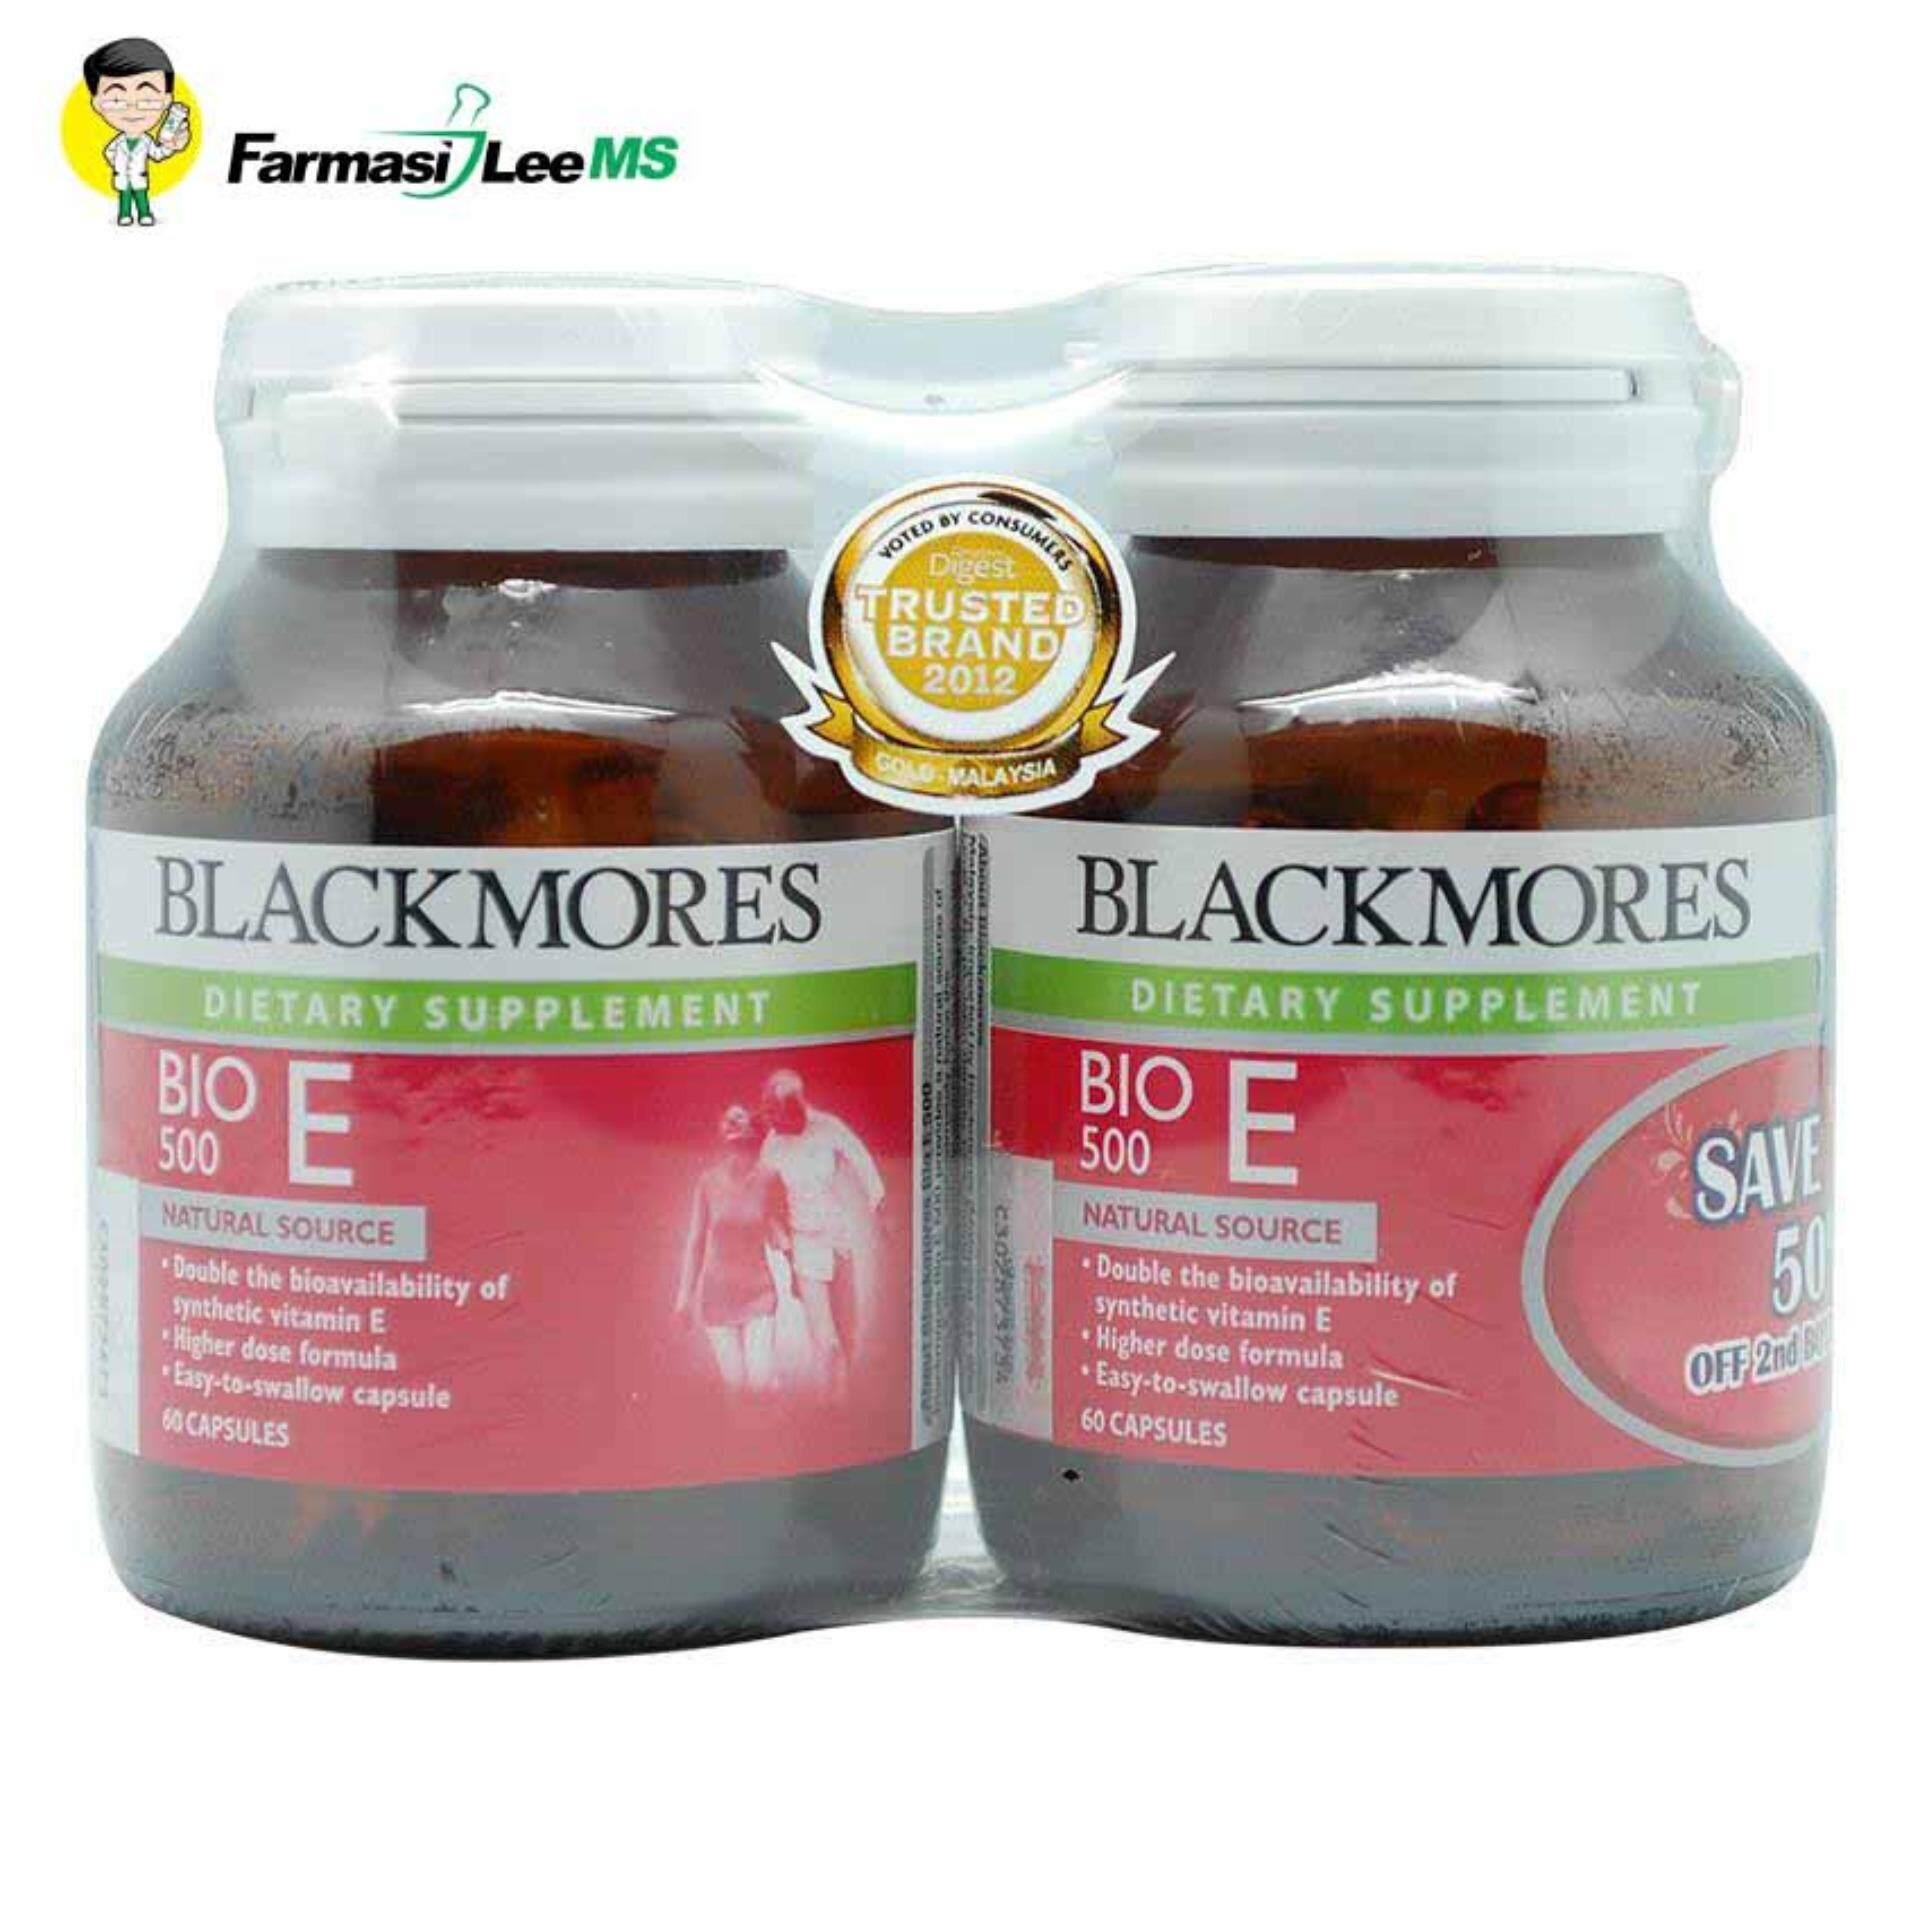 Blackmores Reviews Ratings And Best Price In Kl Selangor Natural E 250iu 50 Capsules Bio 500iu 60 Tablets